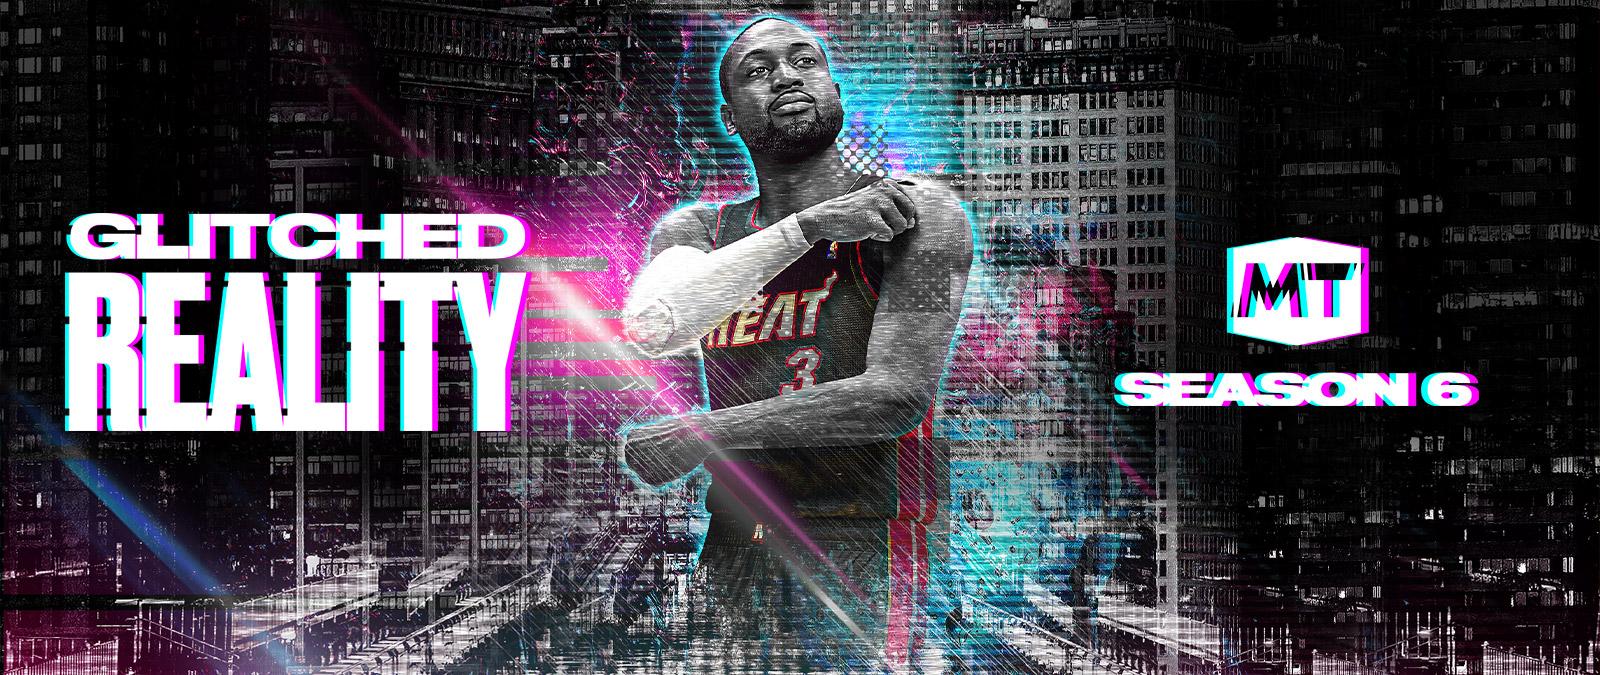 Glitched Reality, MT Temporada 6, Dwyane Wade posa con una playera de los Heat sobre un paisaje urbano, con efectos artísticos.